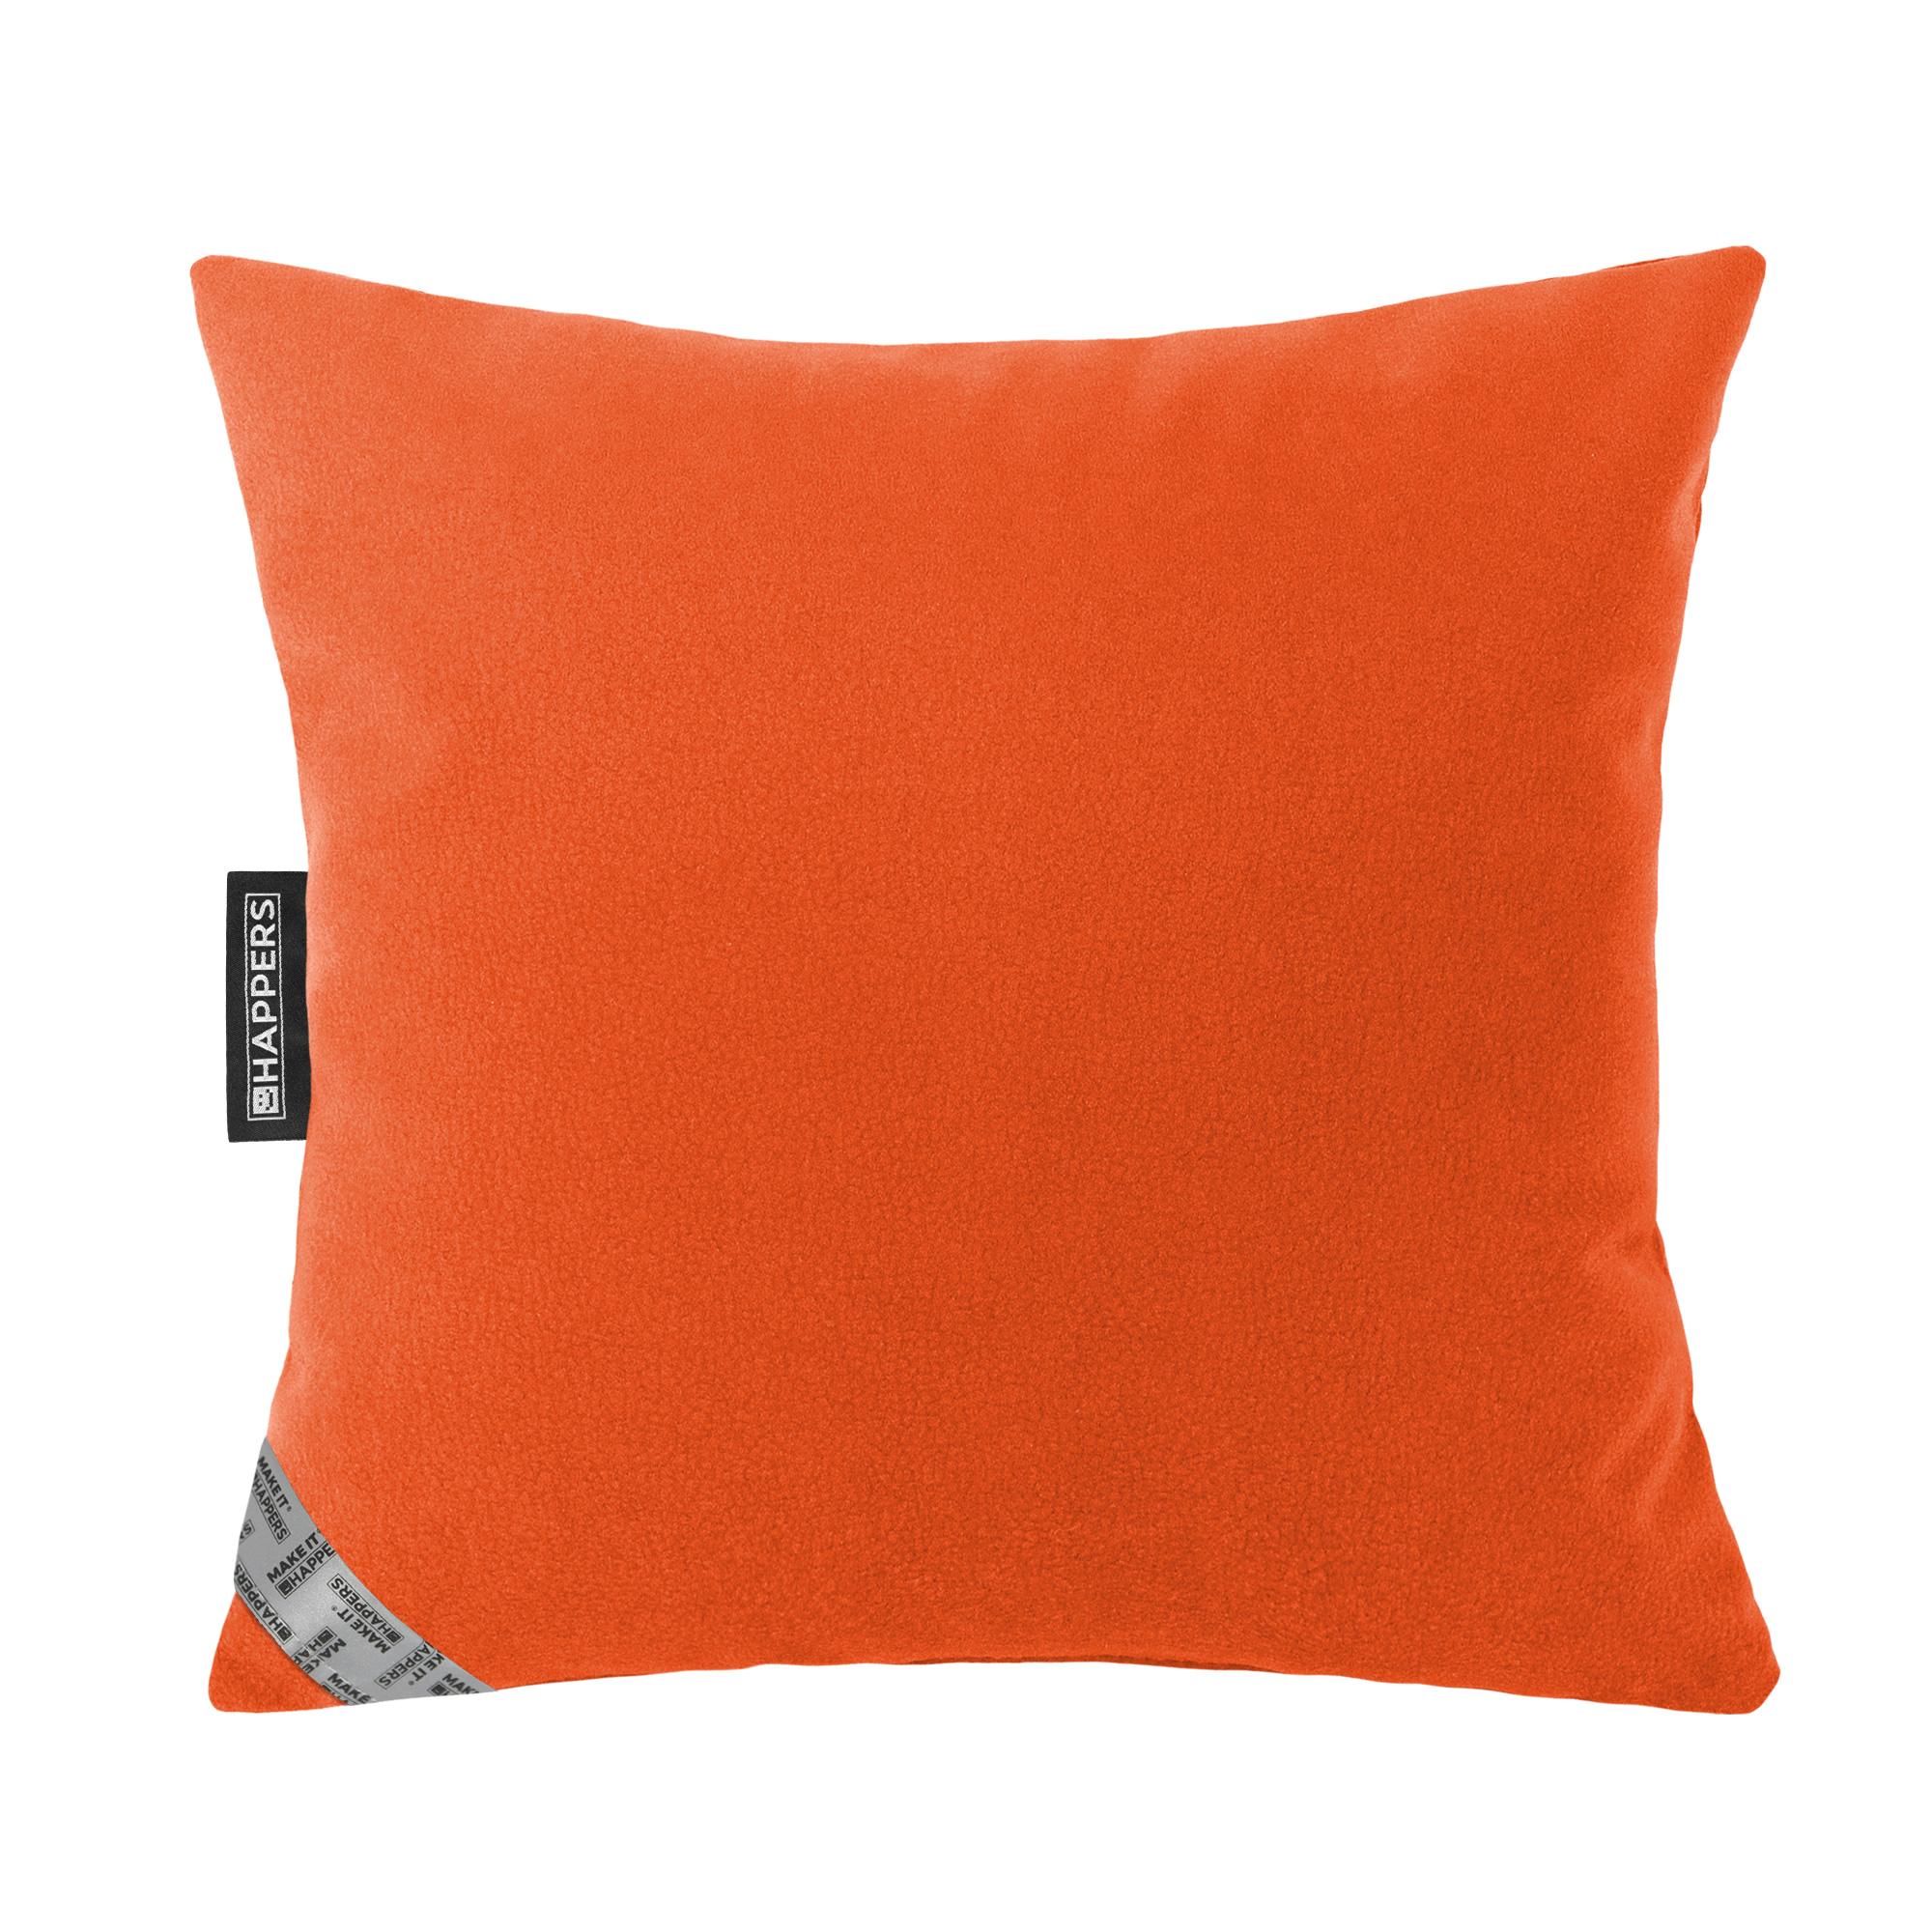 Cojín 45x45 Aquaclean Carabú Naranja Happers | Happers.es